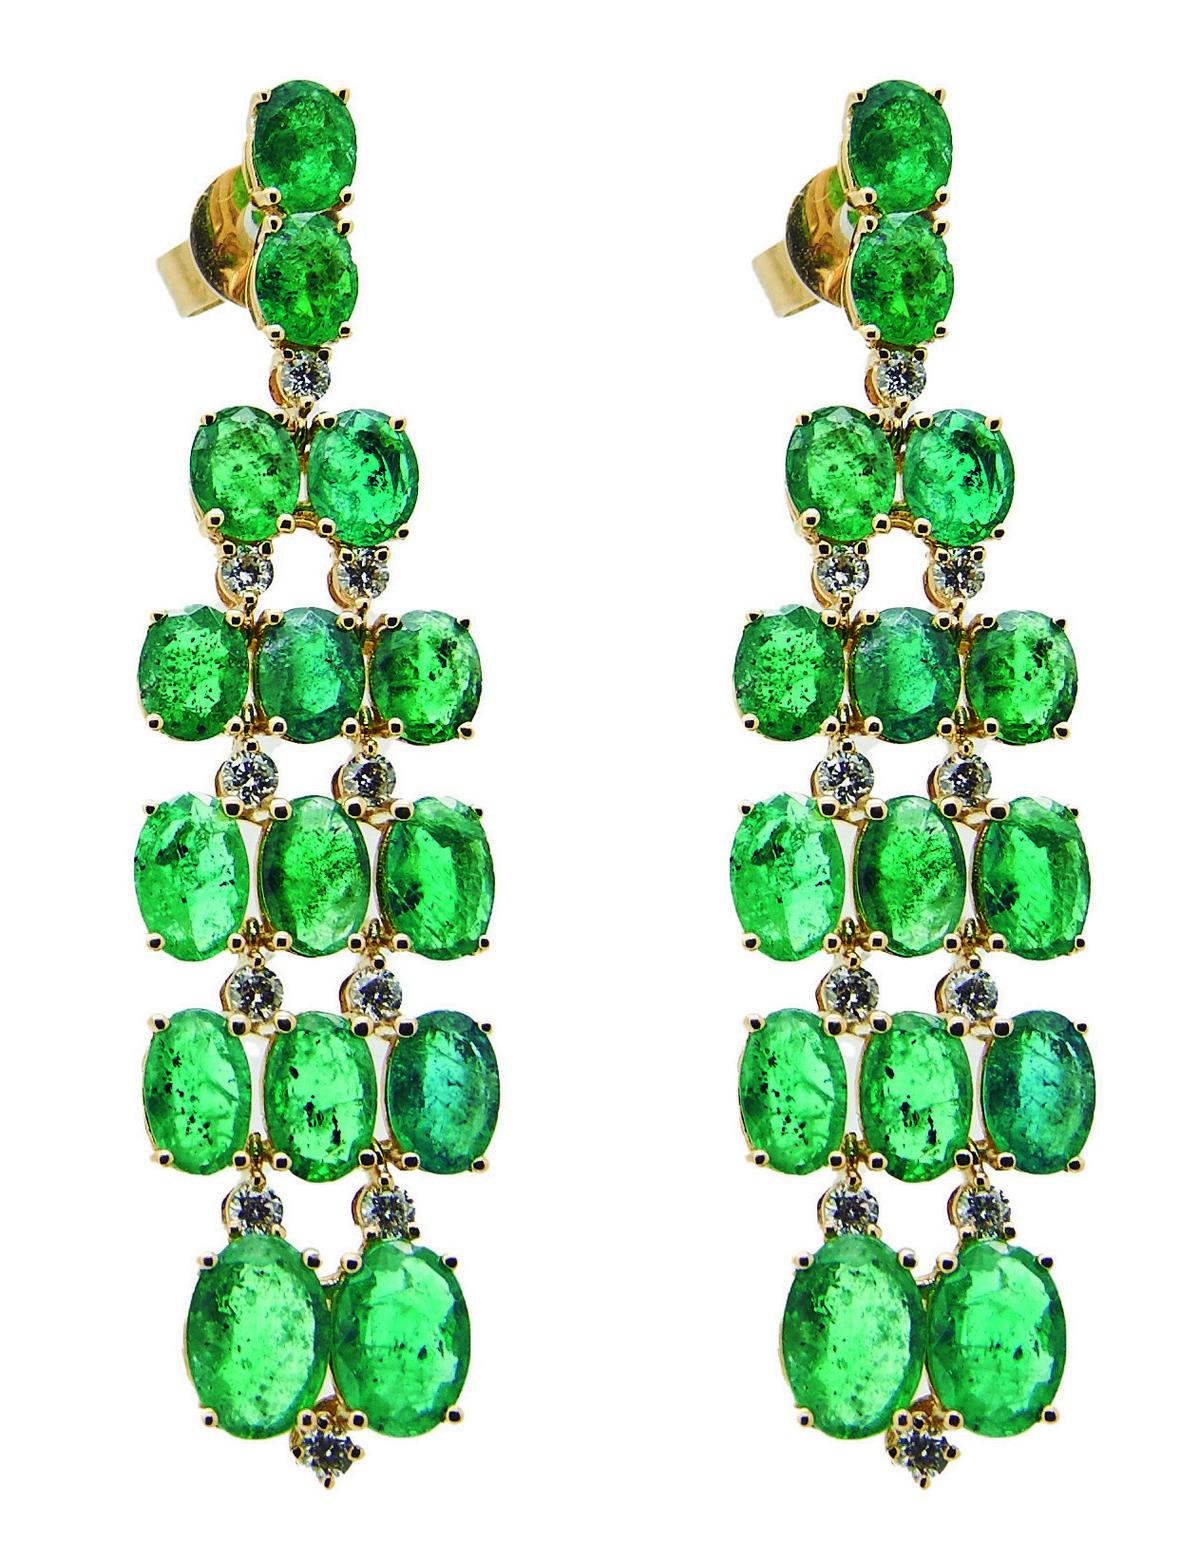 Pendientes largos en oro con esmeraldas y diamantes